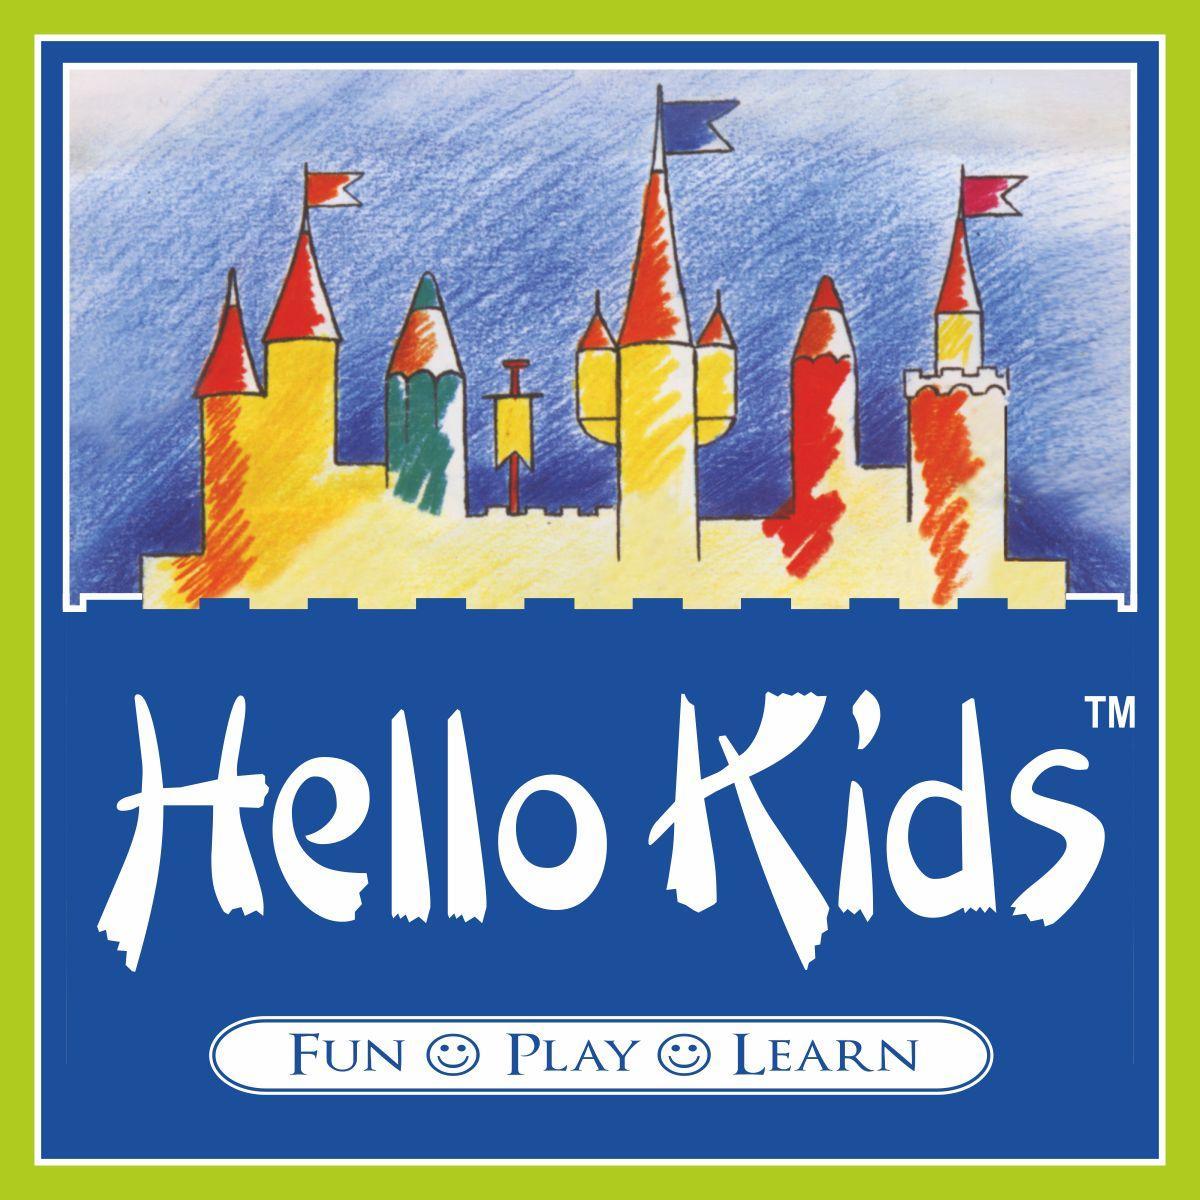 Hello Kids-Twilight, Hello Kids-Twilight